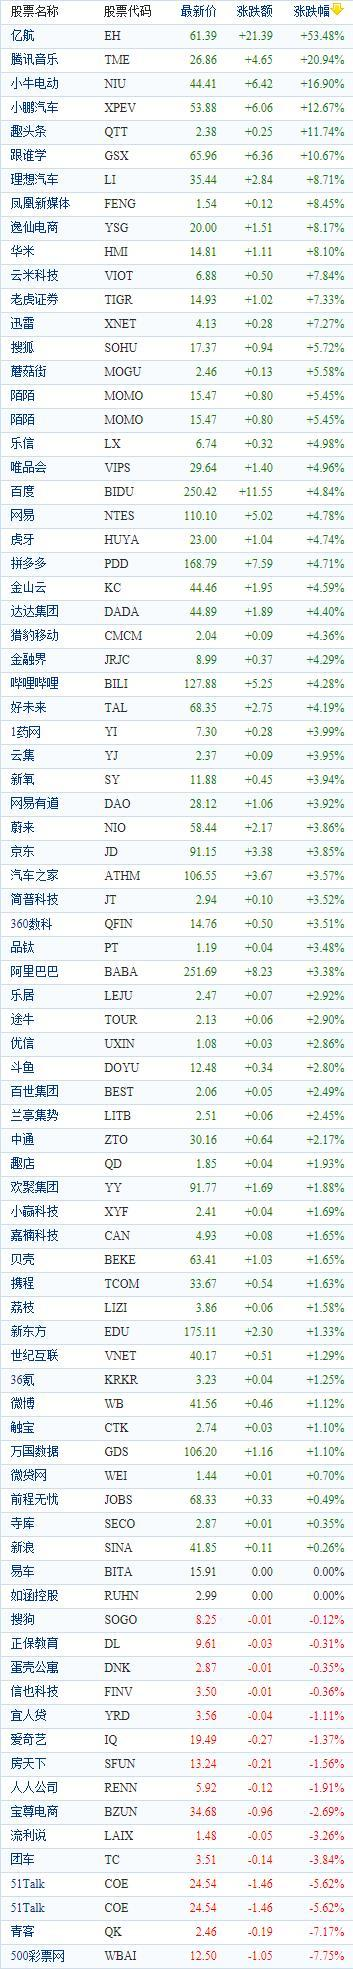 中国概念股周二收盘普遍上涨 腾讯音乐飙涨21%